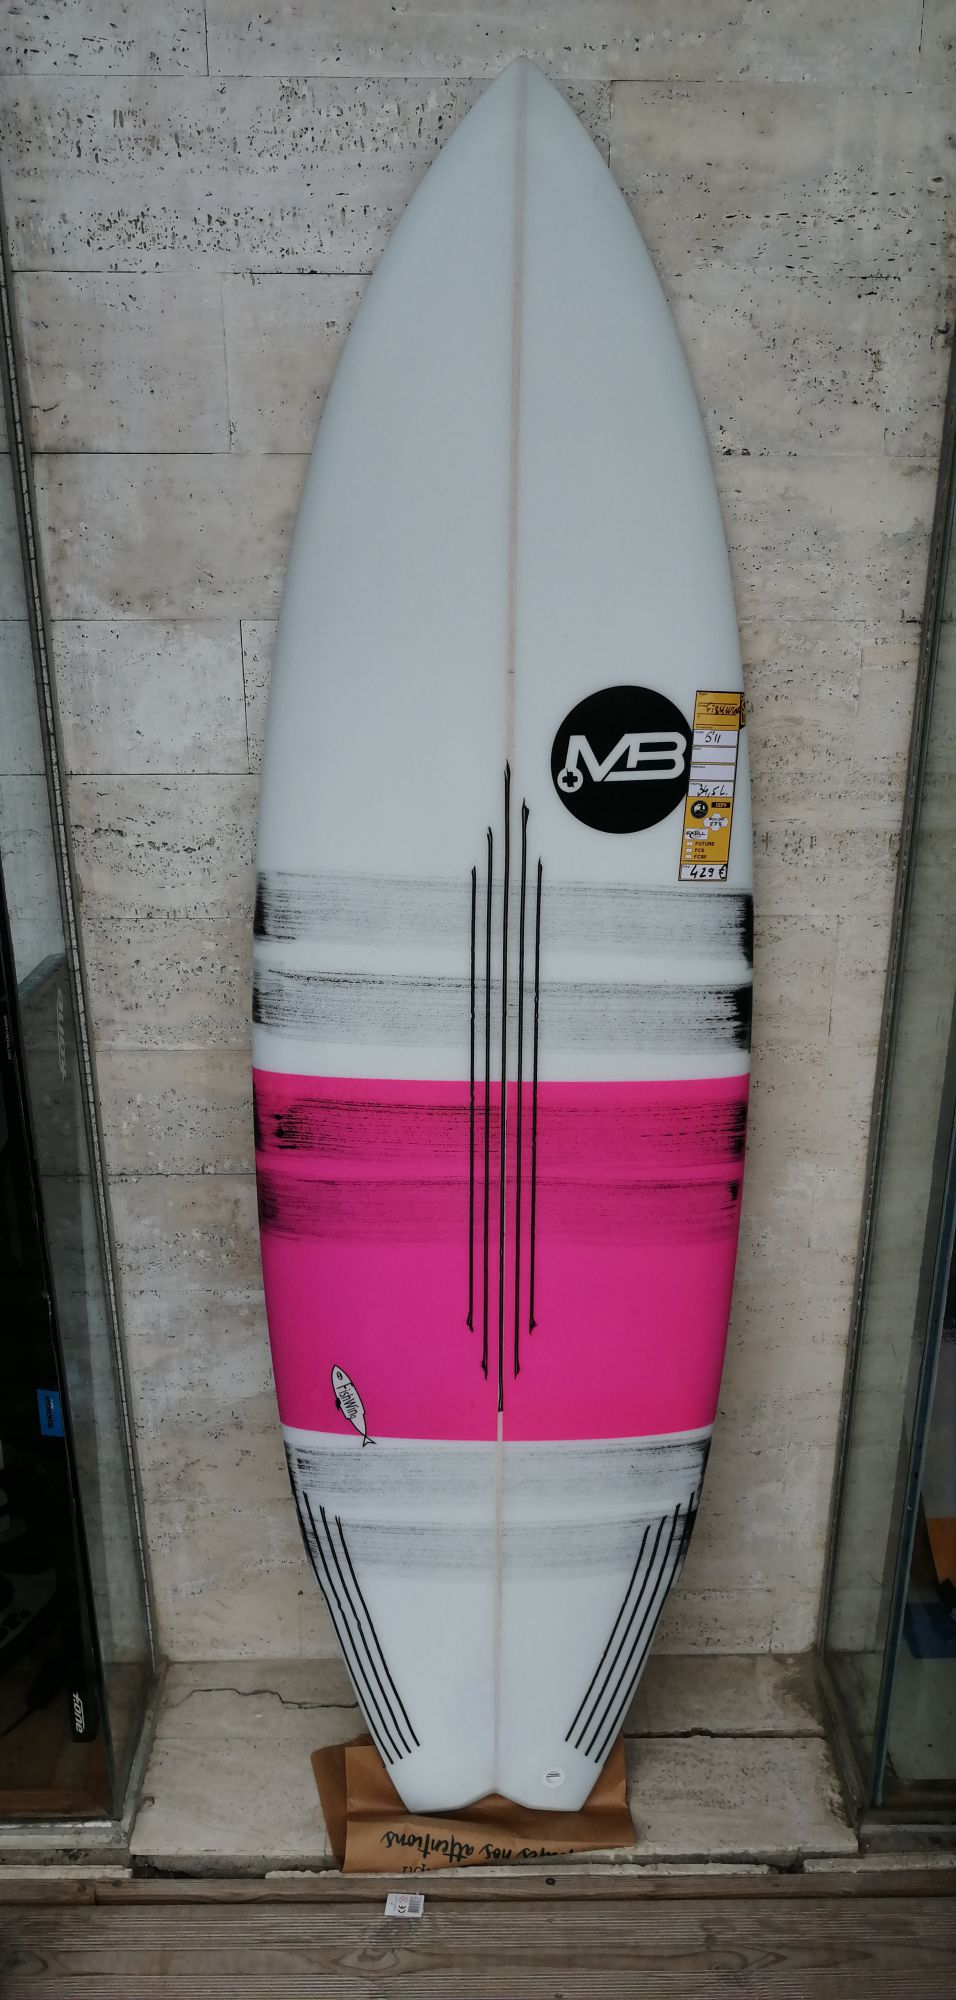 MB FISHWING 5'11